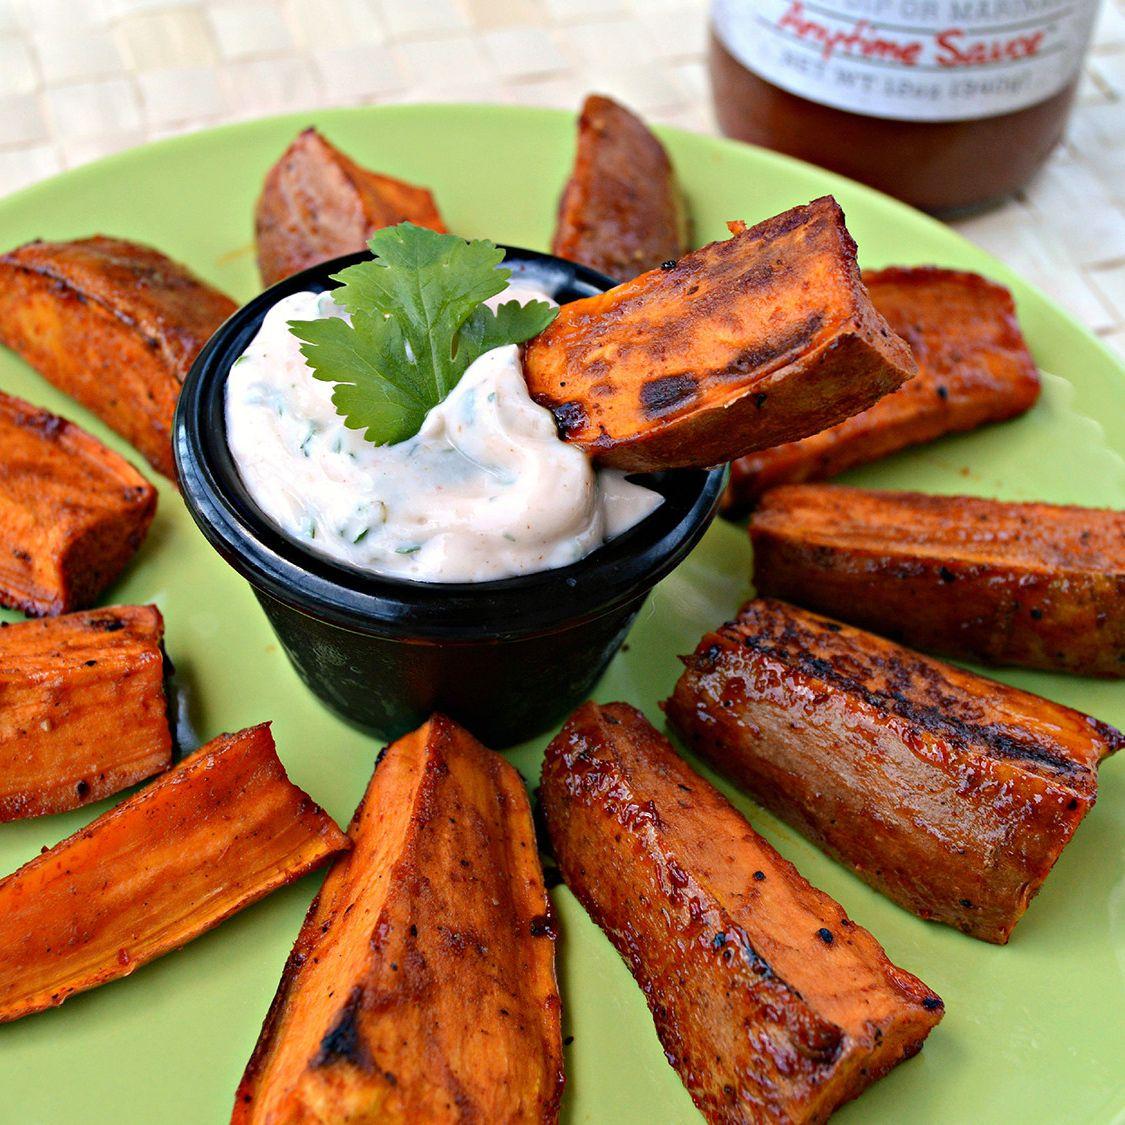 texas_sriracha_roasted_sweet_potatoes.jpg